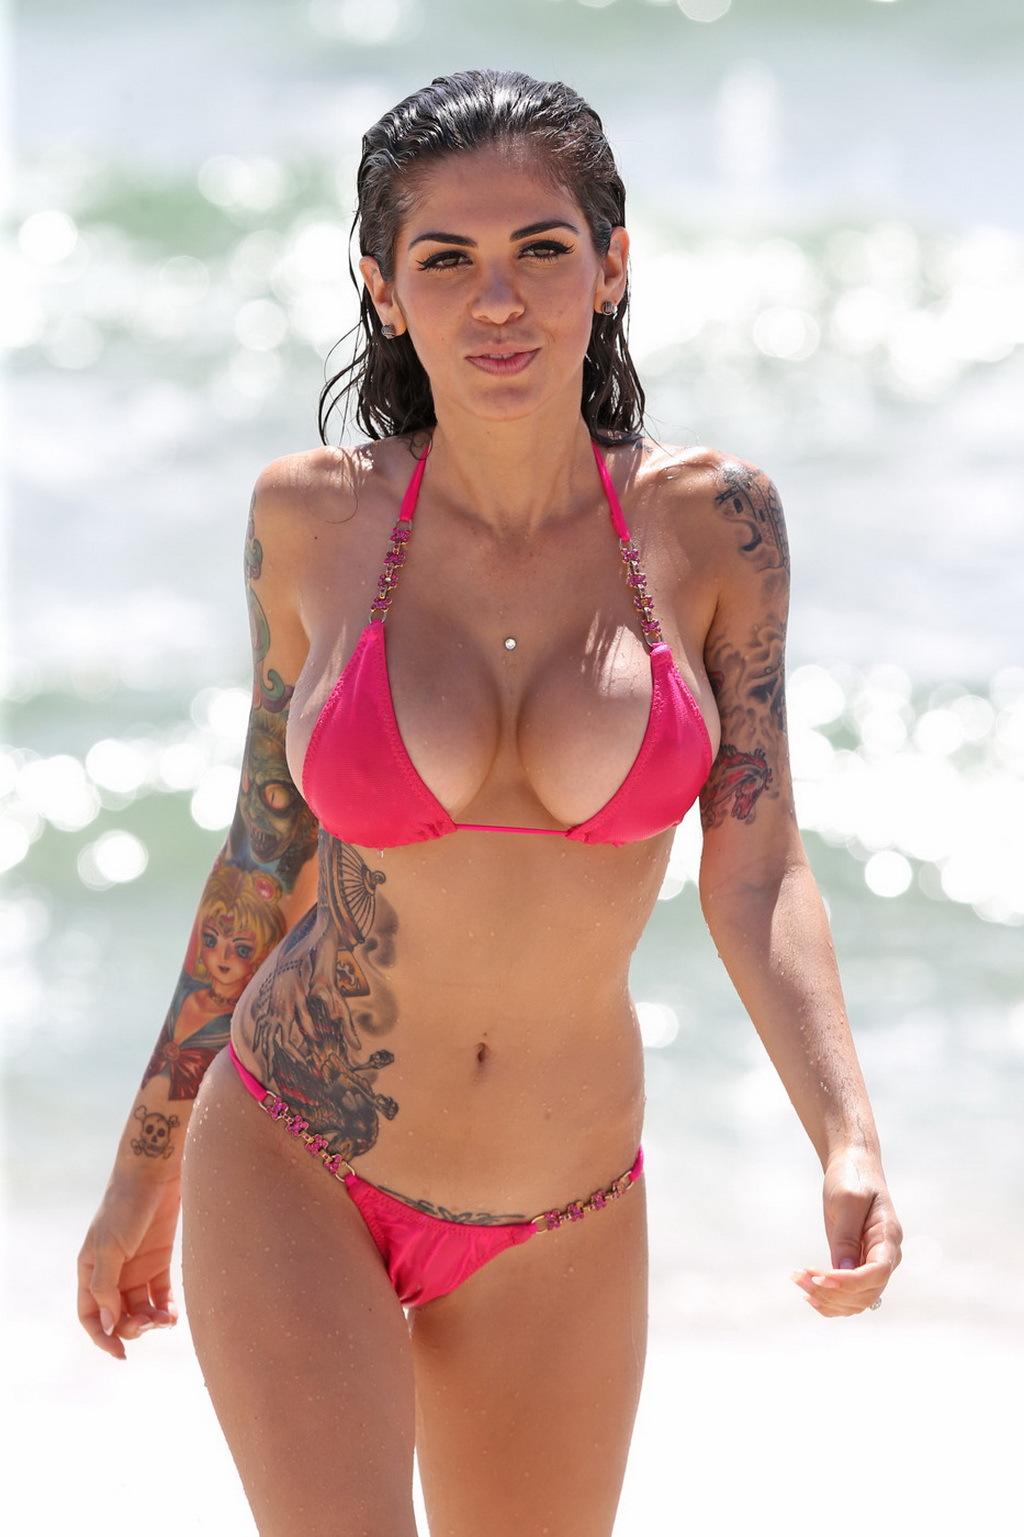 image Facebook chick brittney jones 2